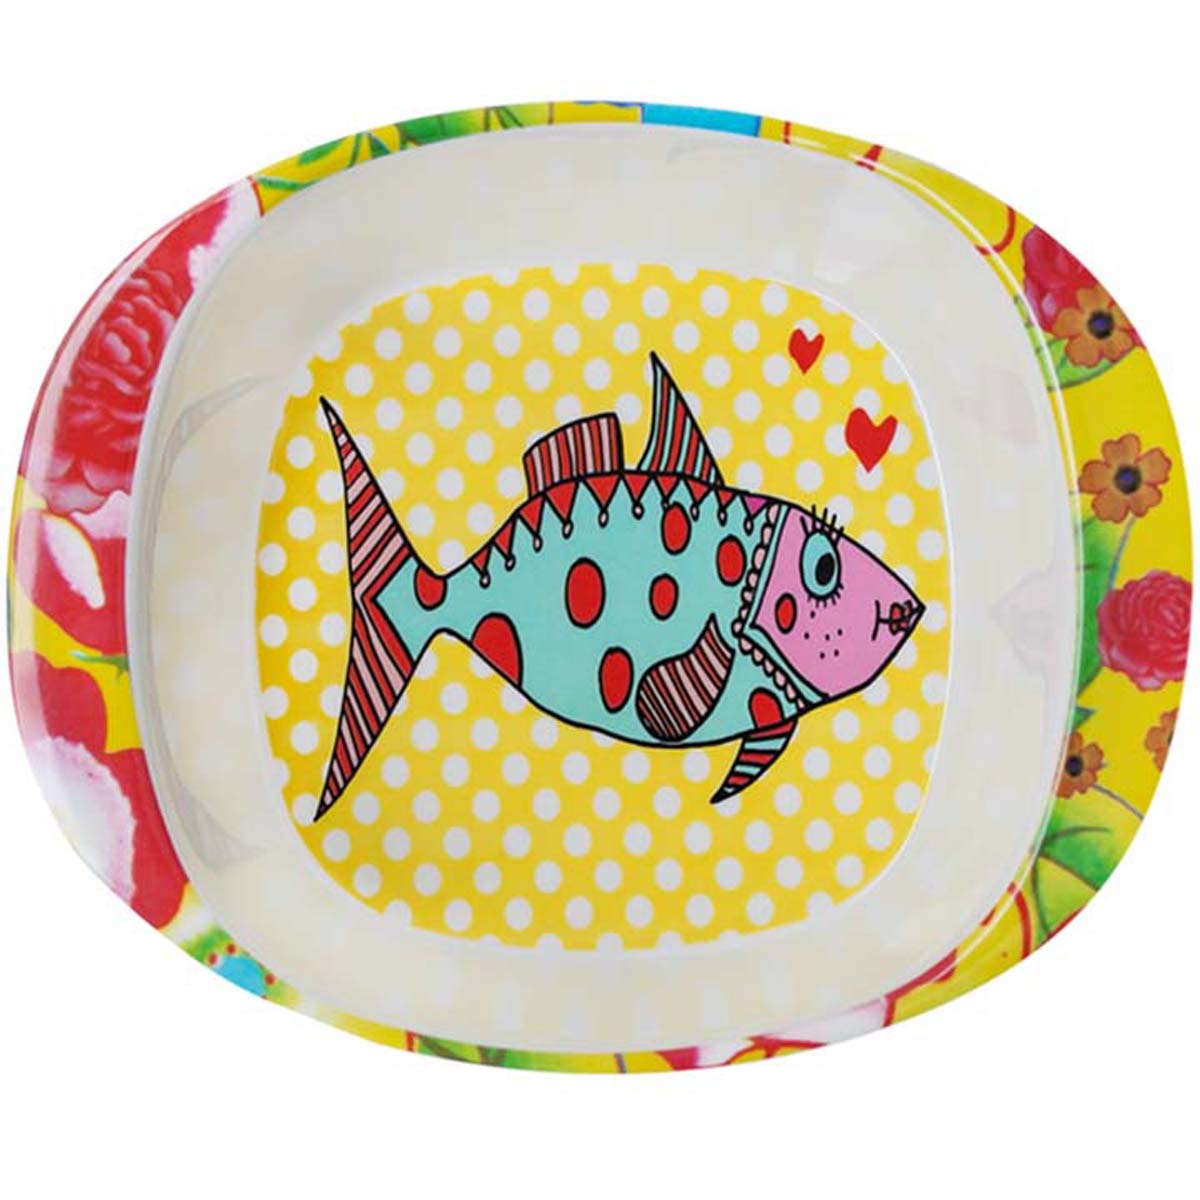 Assiette bébé mélamine \'Saperlipopette\' jaune multicolore (Mrs Fish) - 165x135x42 cm - [R0644]